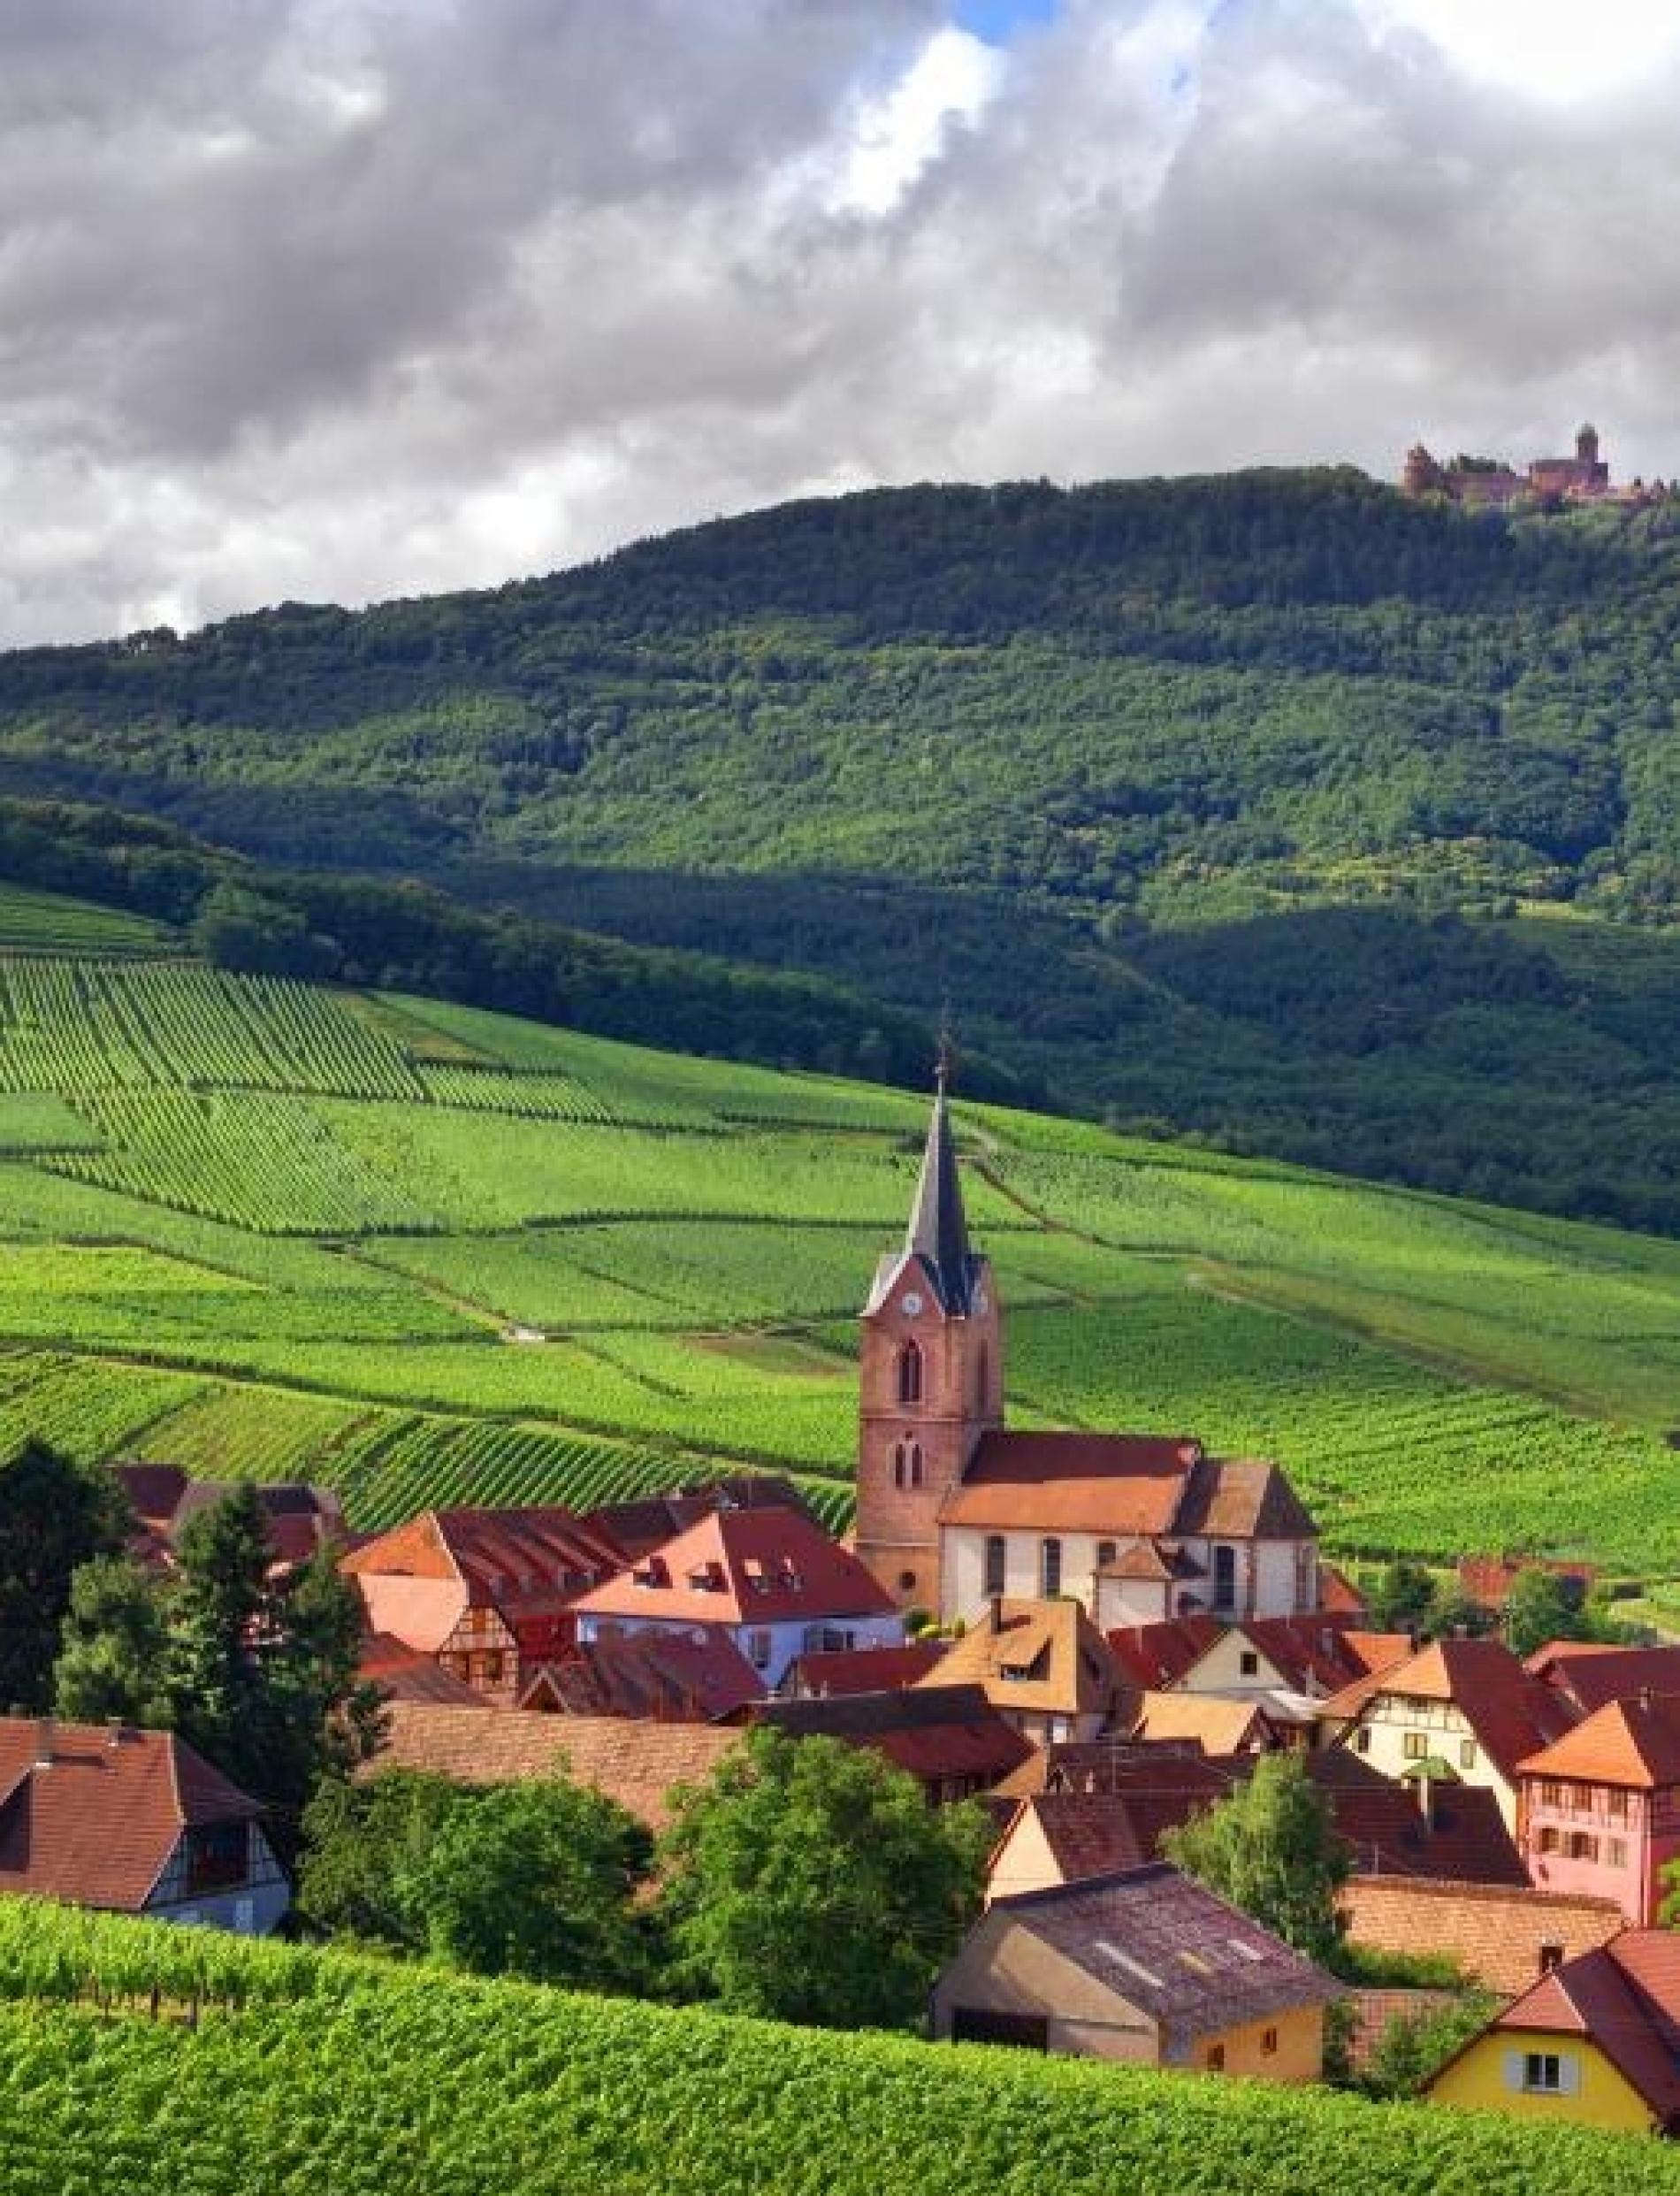 Le site de la Région Alsace